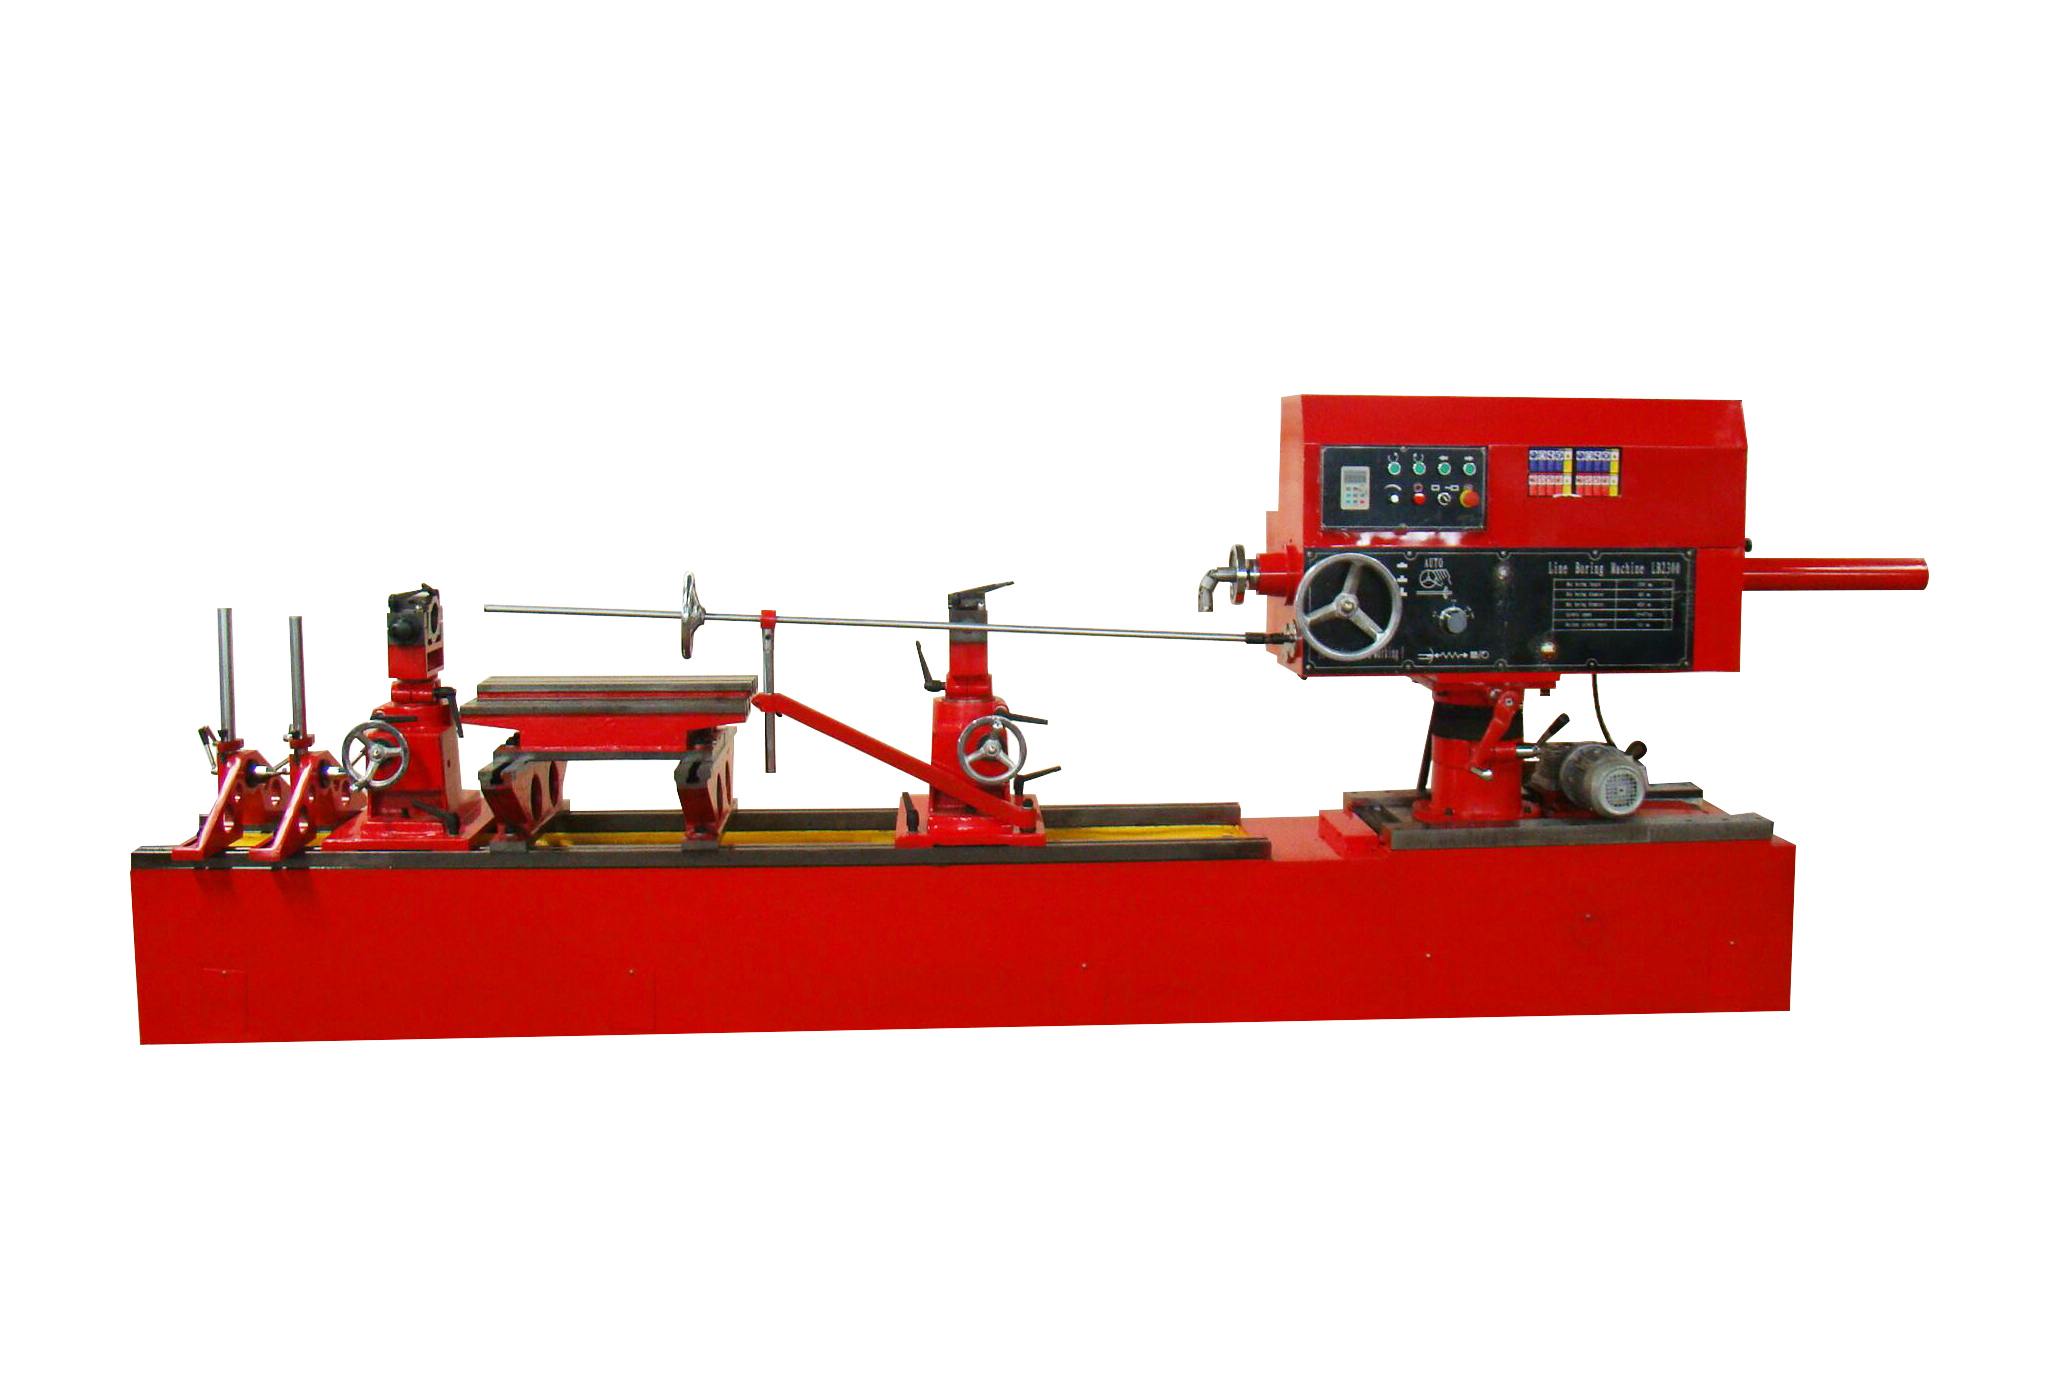 Line Boring Machine LB2300